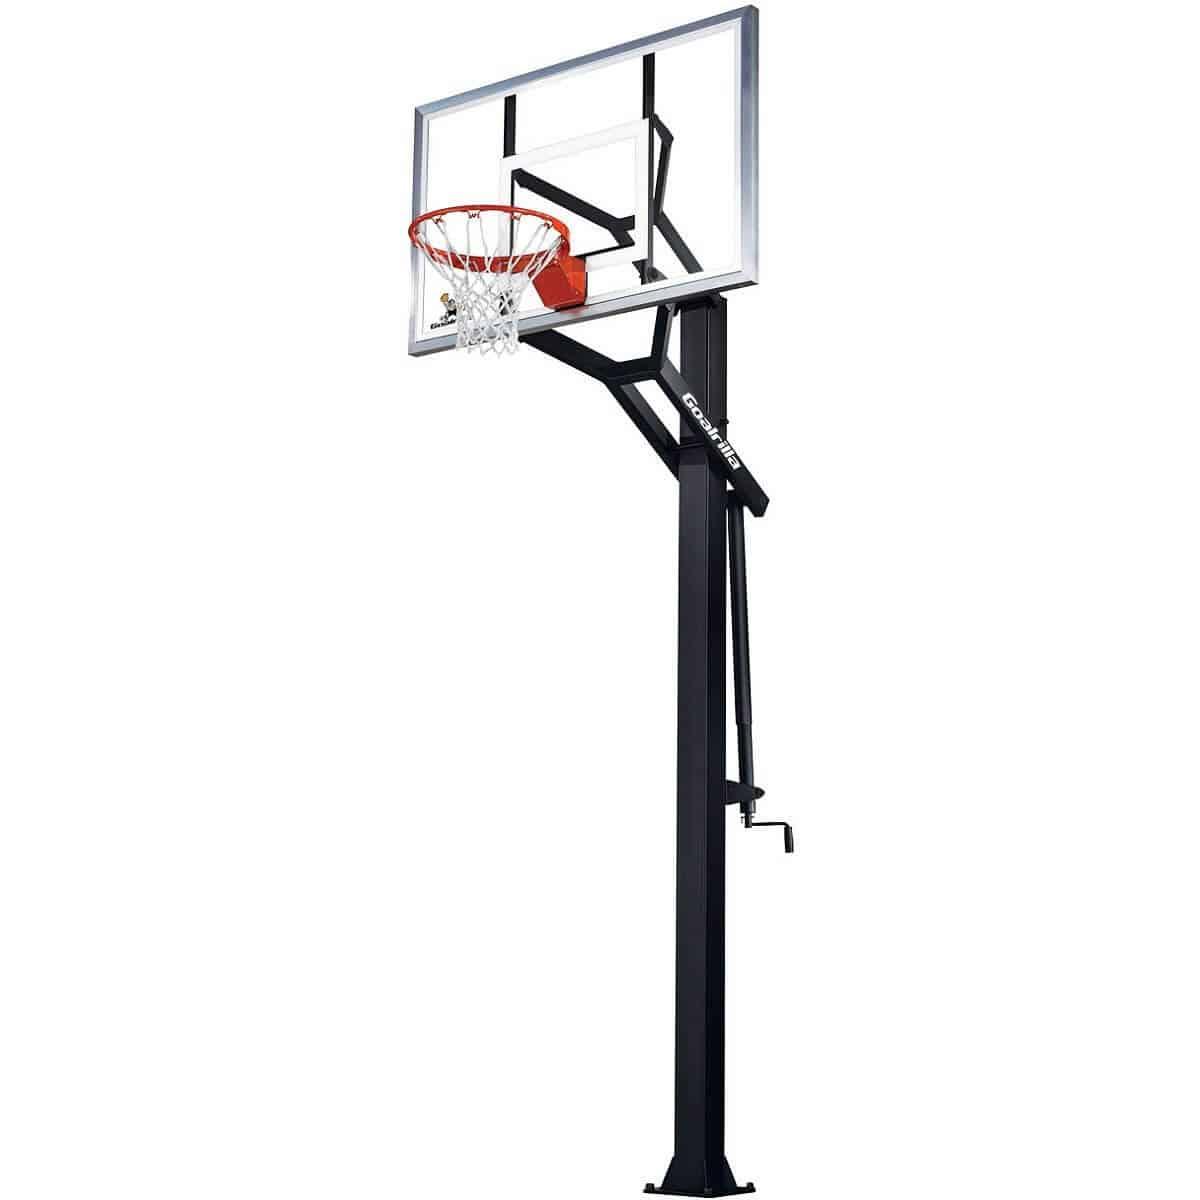 Ultimate Basketball Hoop Buying Guide - BestOutdoorBasketball